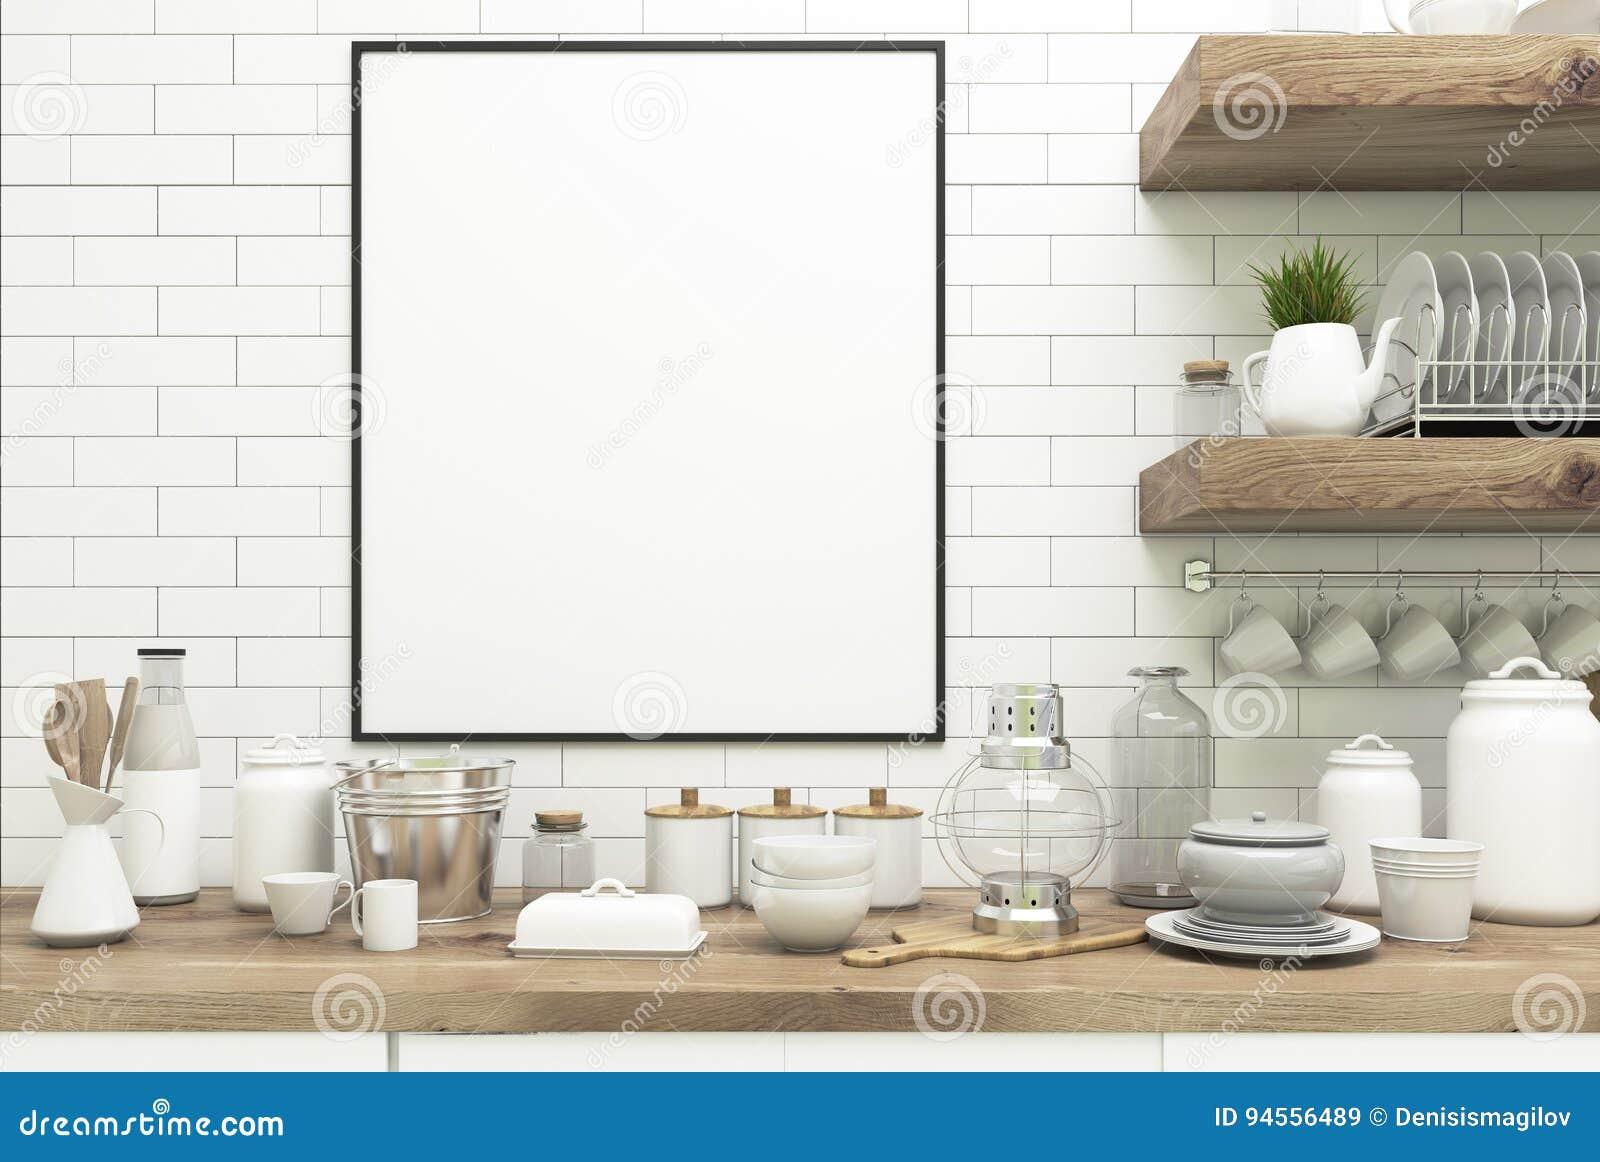 Cuisine Blanche De Brique Avec L\'affiche, étagères ...